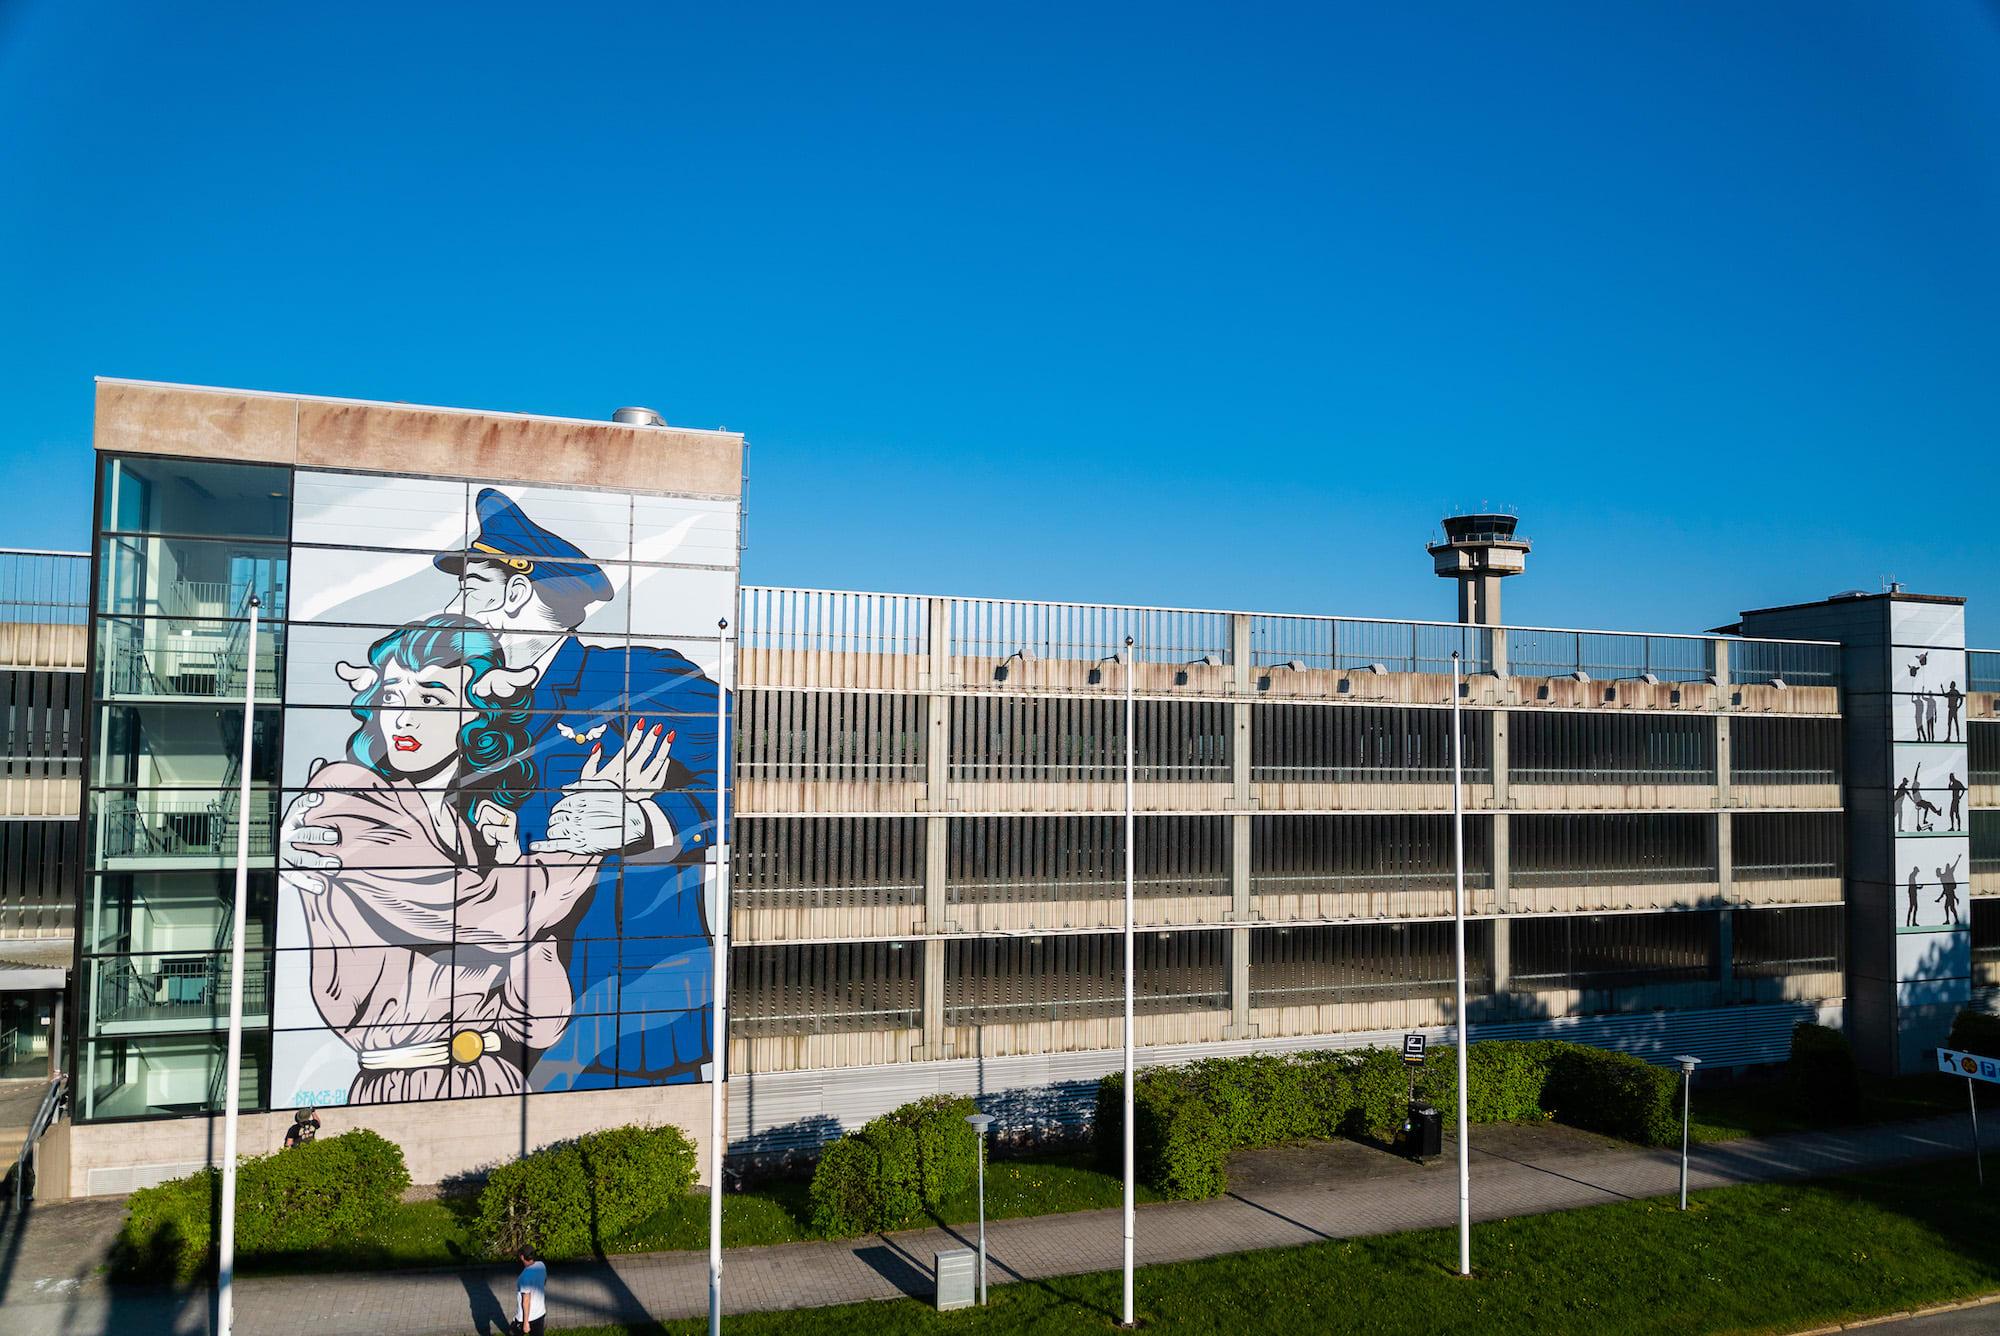 Les passagers de l'aéroport de Göteborg accueillis par une œuvre géante de D*Face